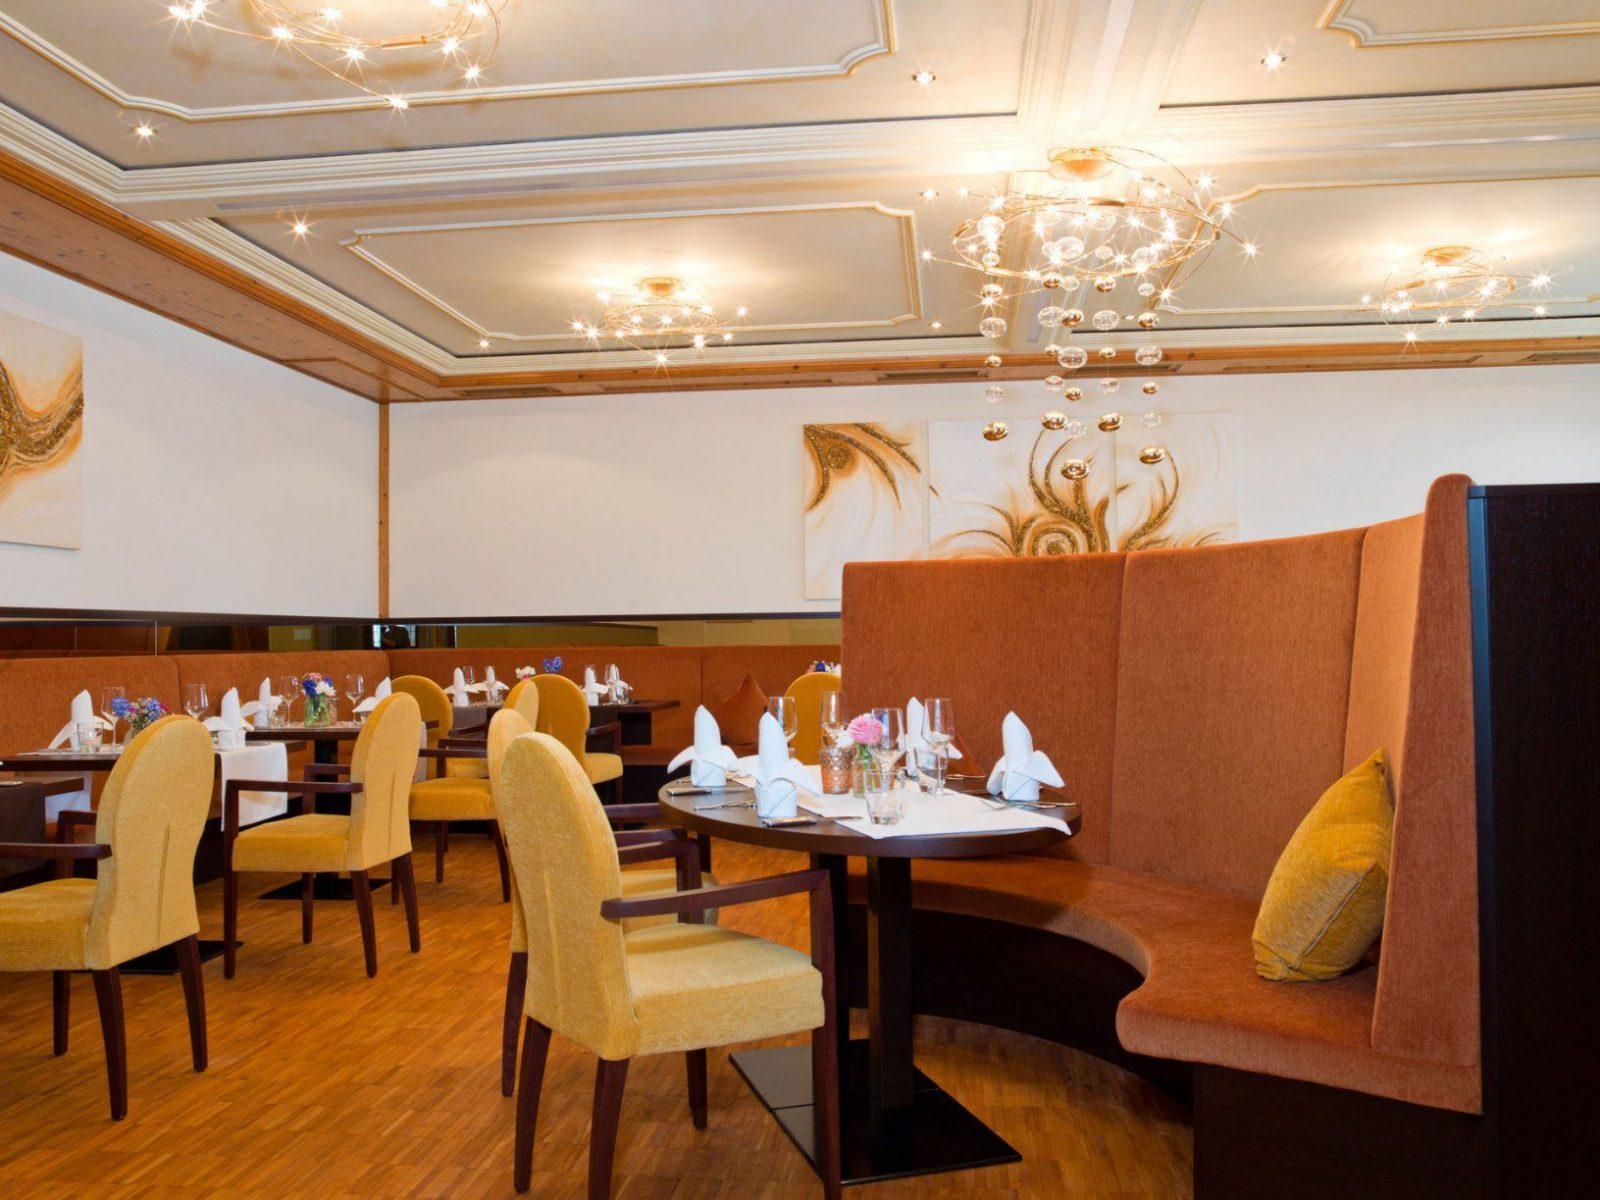 Kamin Restaurant Landhotel Birkenhof Restaurant Oberpfalz von Restaurant Am Kamin Duisburg Bild